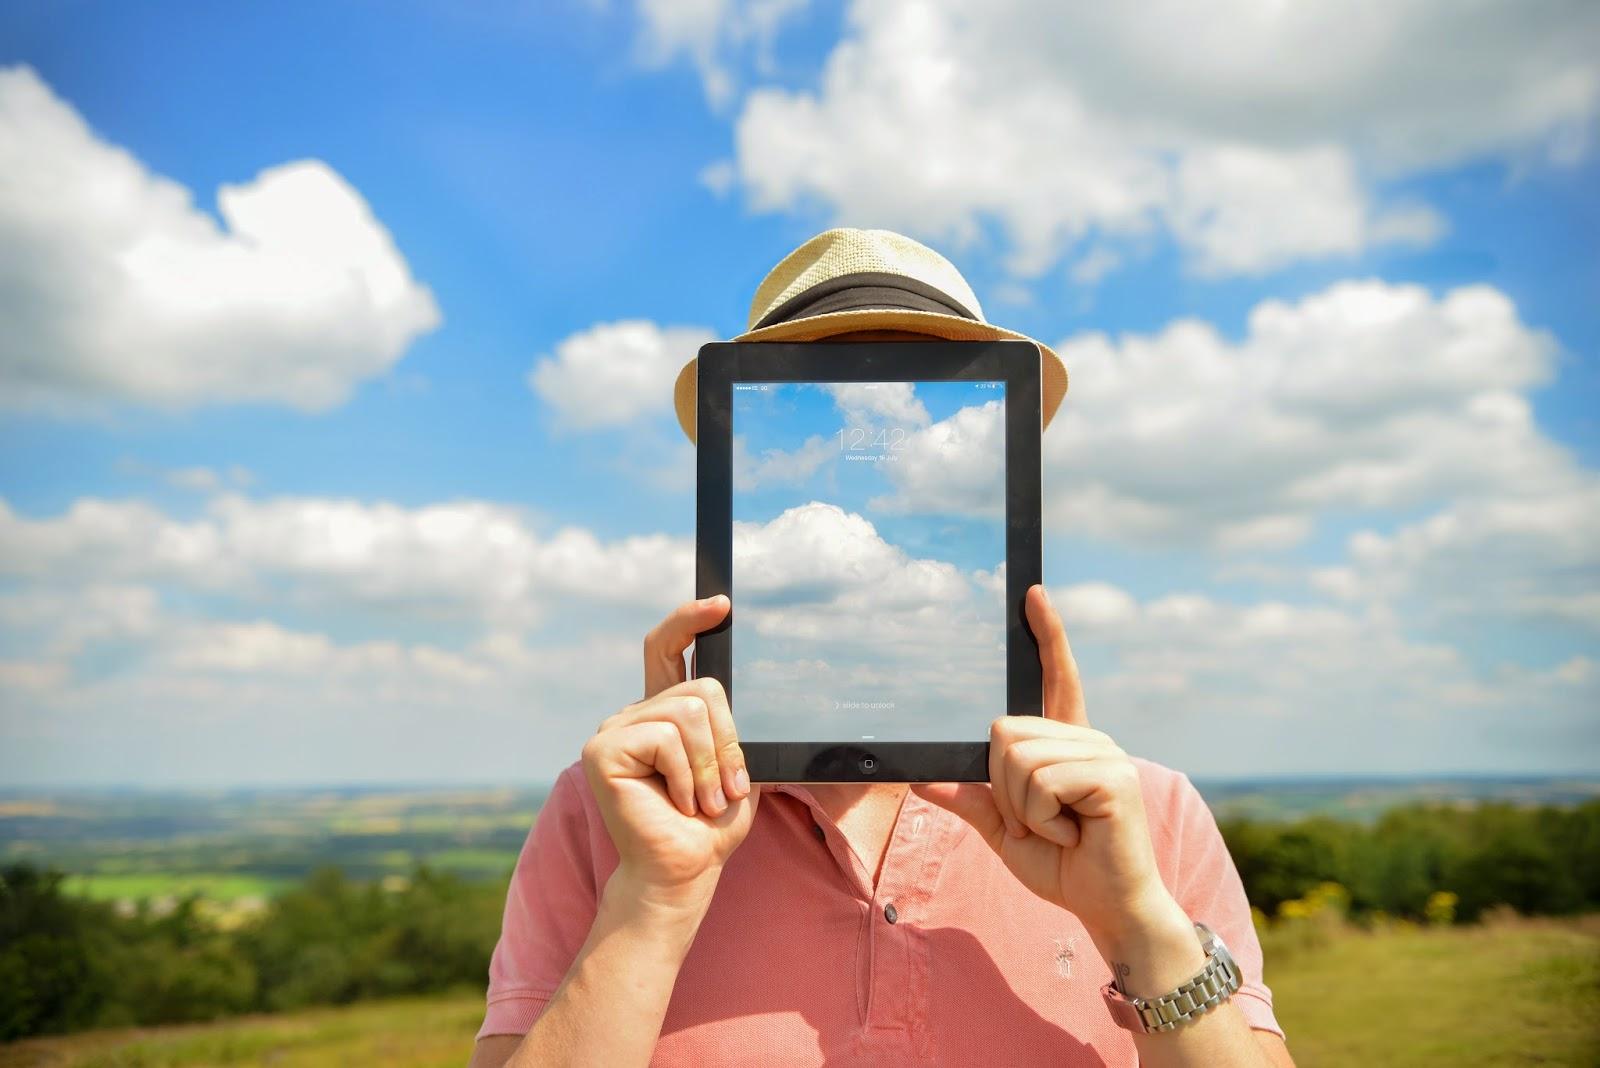 Blogging Tips_3 alasan mengapa pentingnya sebuah foto atau gambar di dalam sebuah postingan blog_image source stockpic.com